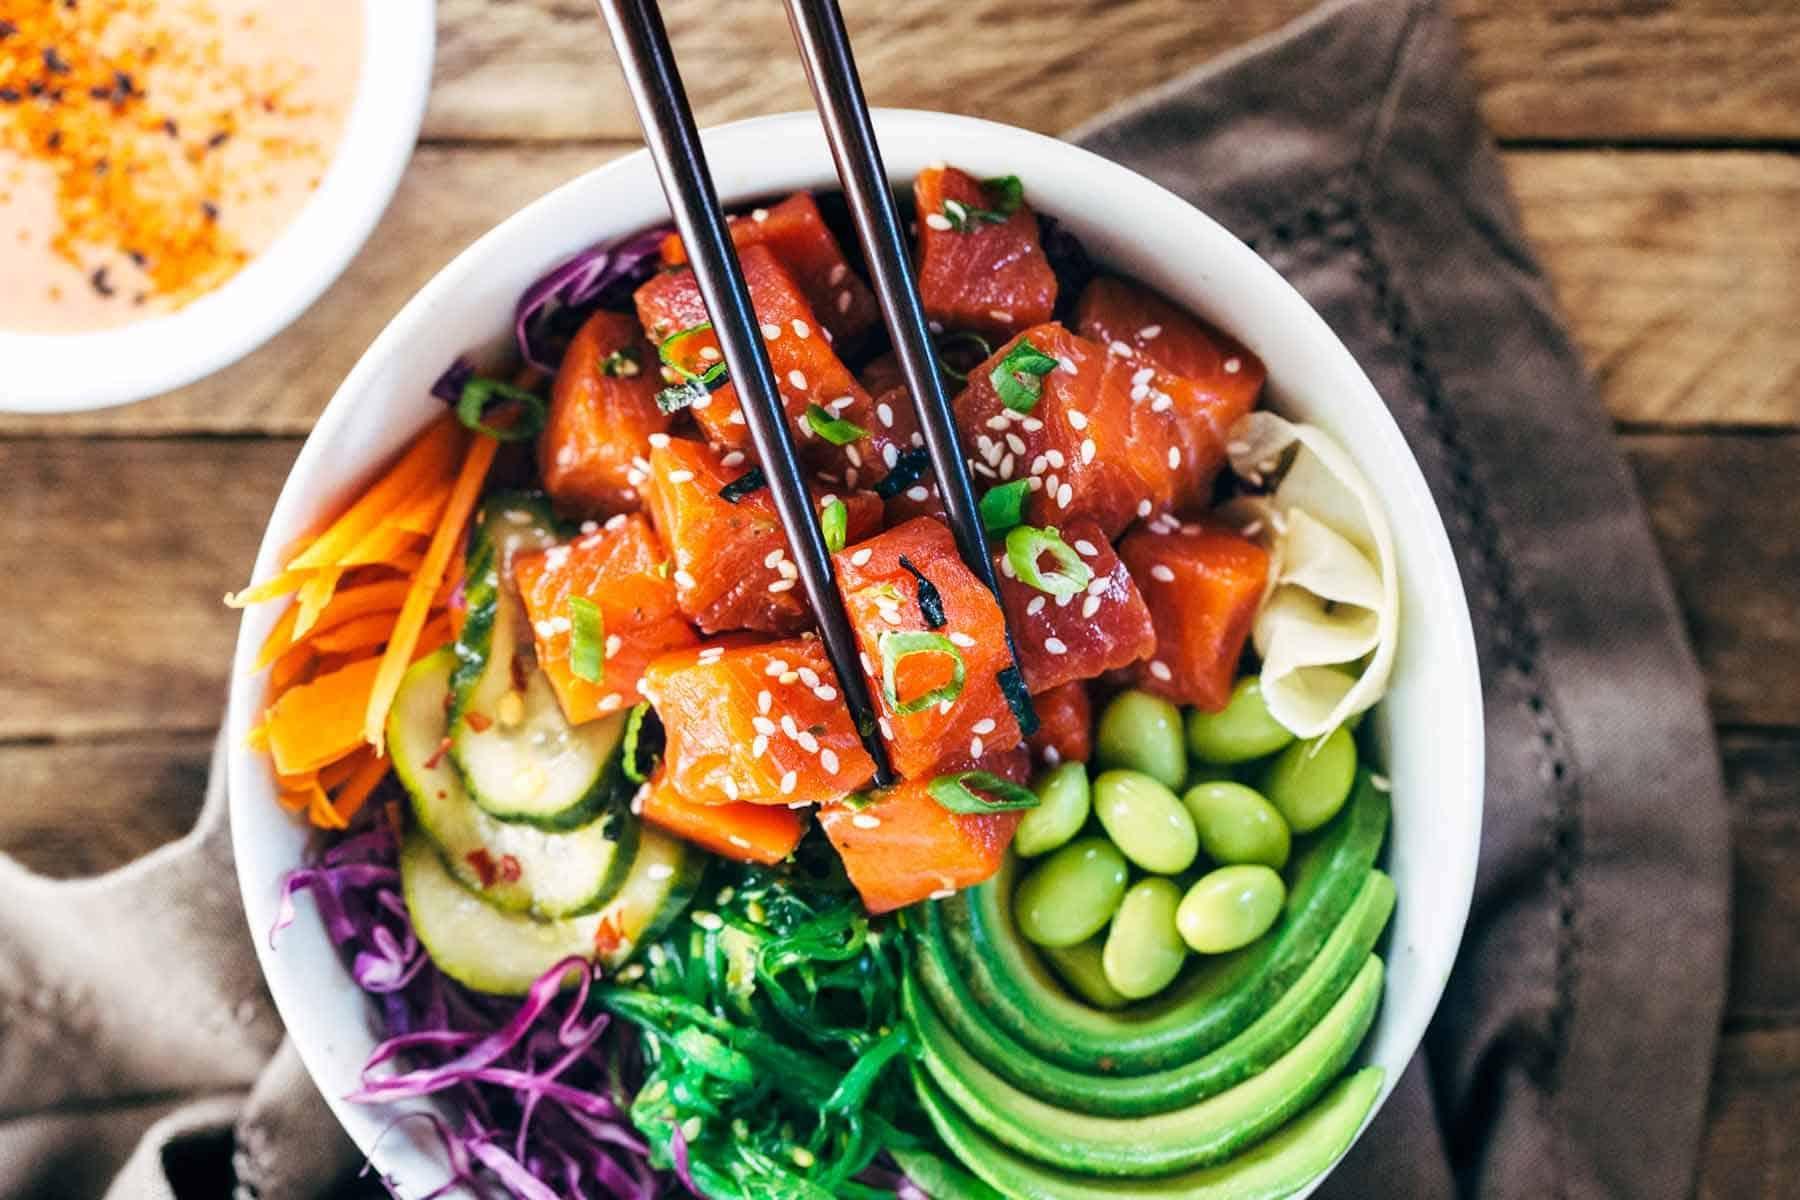 Gek op sushi? Dol op salades? Check, poké bowls zijn voor jou uitgevonden! Er zijn al vele hotspots te vinden waar je zo'n kleurrijke bowl kan verkrijgen. Daaromdelen we in ditartikel 10 makkelijke & snelle poké bowl recepten ter inspiratie! poke bowl recept kip, poke bowl recept tonijn, poke bowl recept zalm